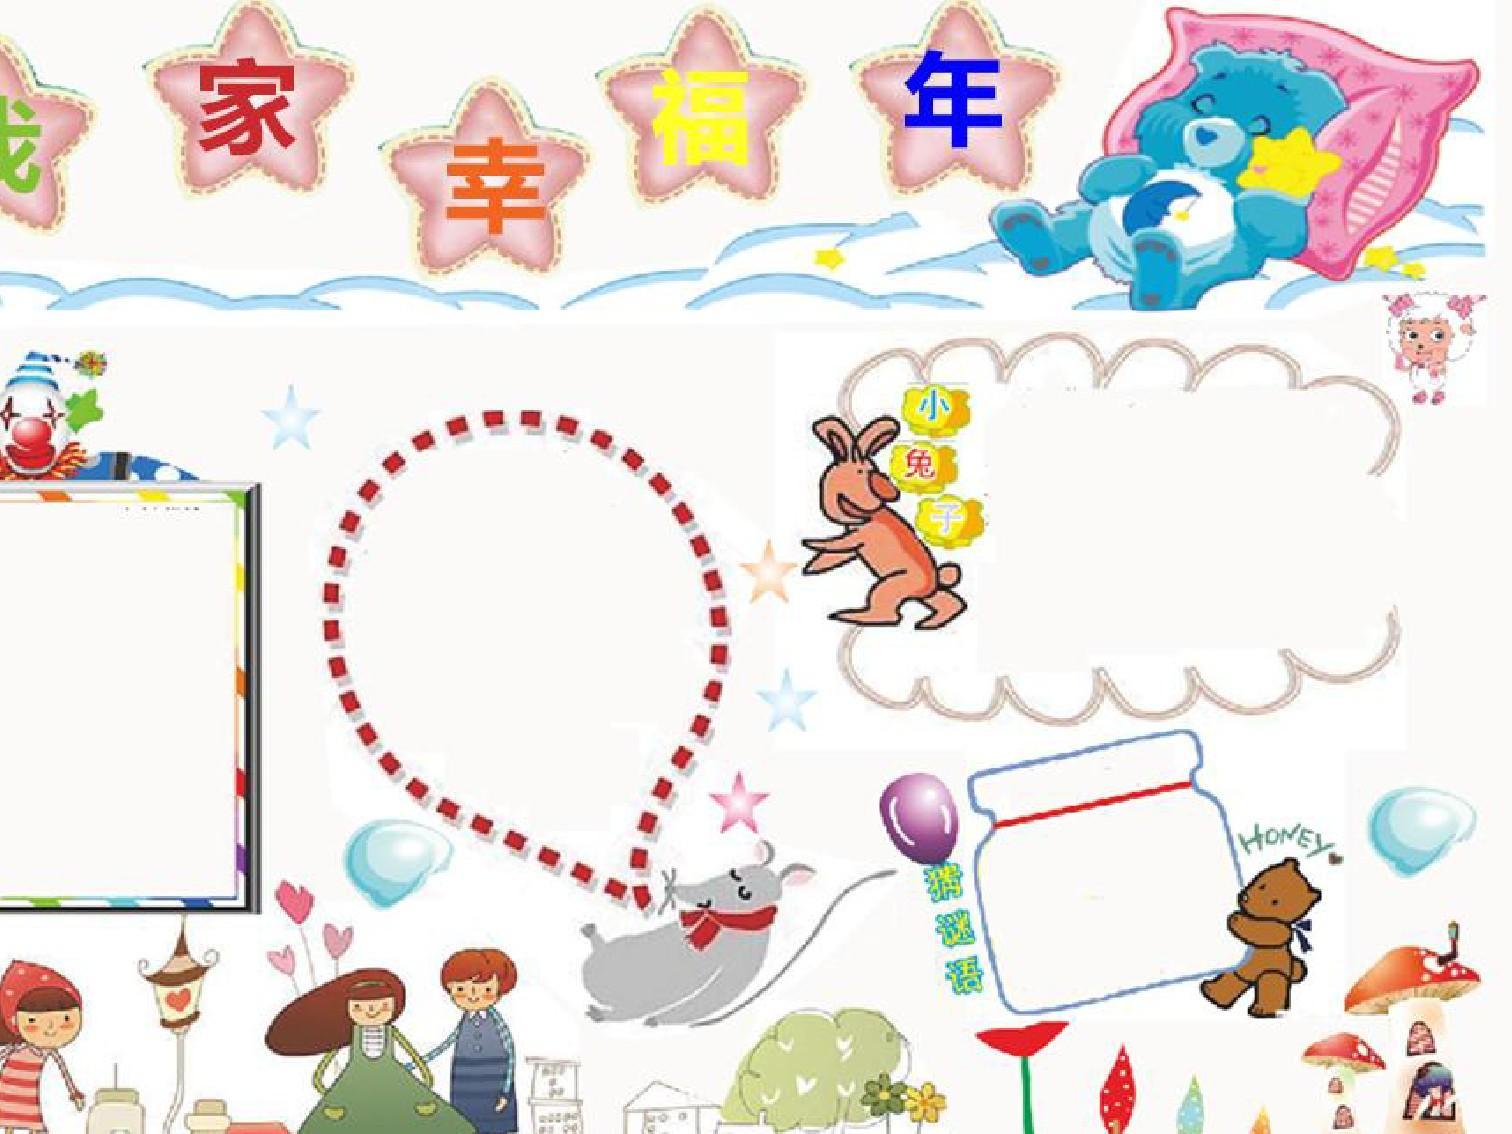 模板格式电子小报成品欢度春节手抄报模板新年快乐电子简报小学生传统图片